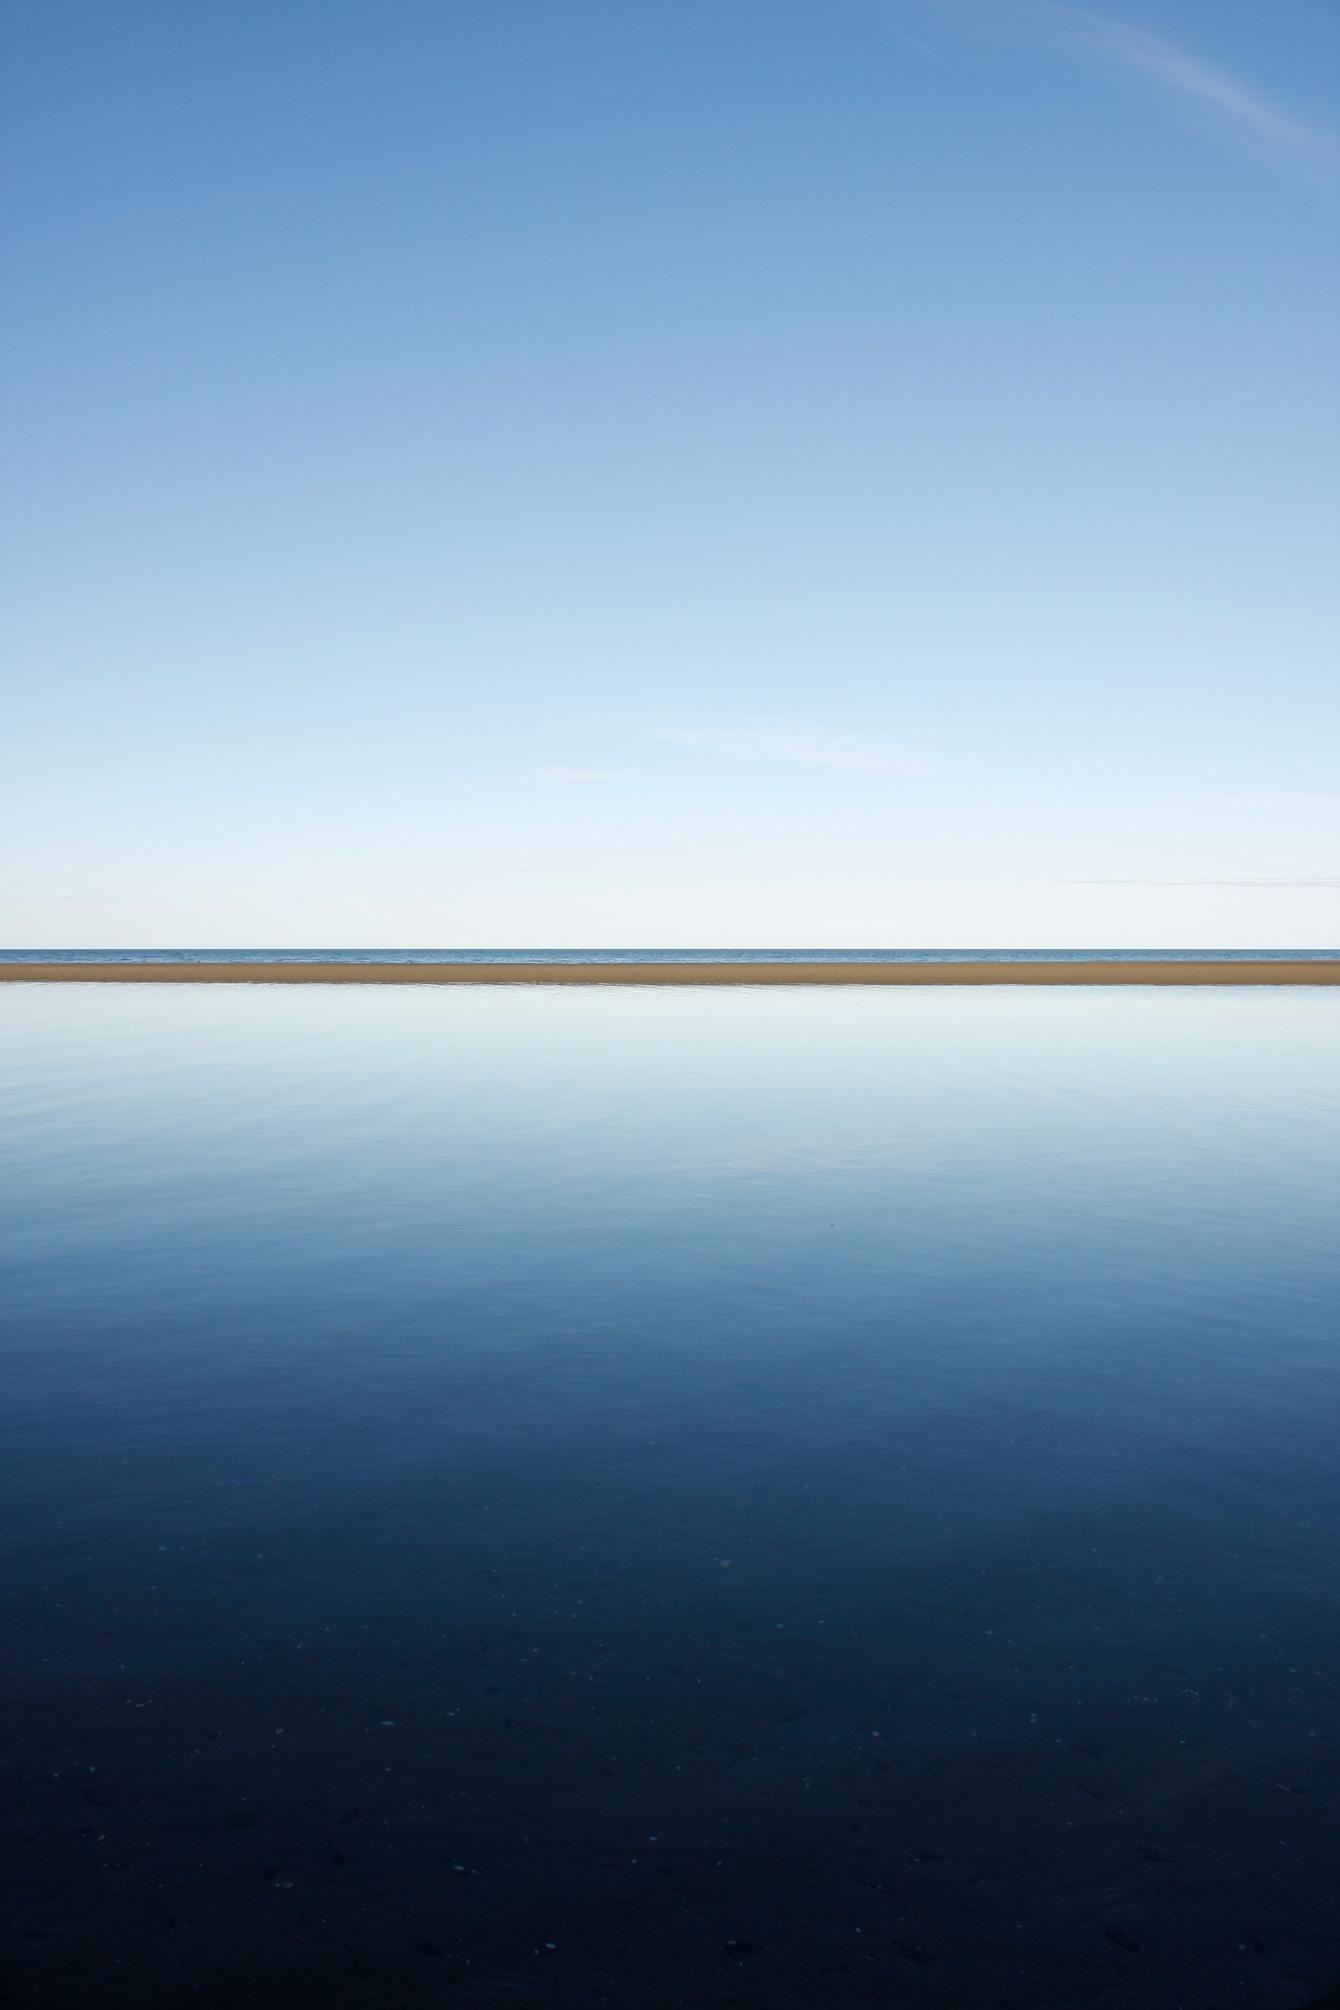 golden-bay-new-zealand-beaches